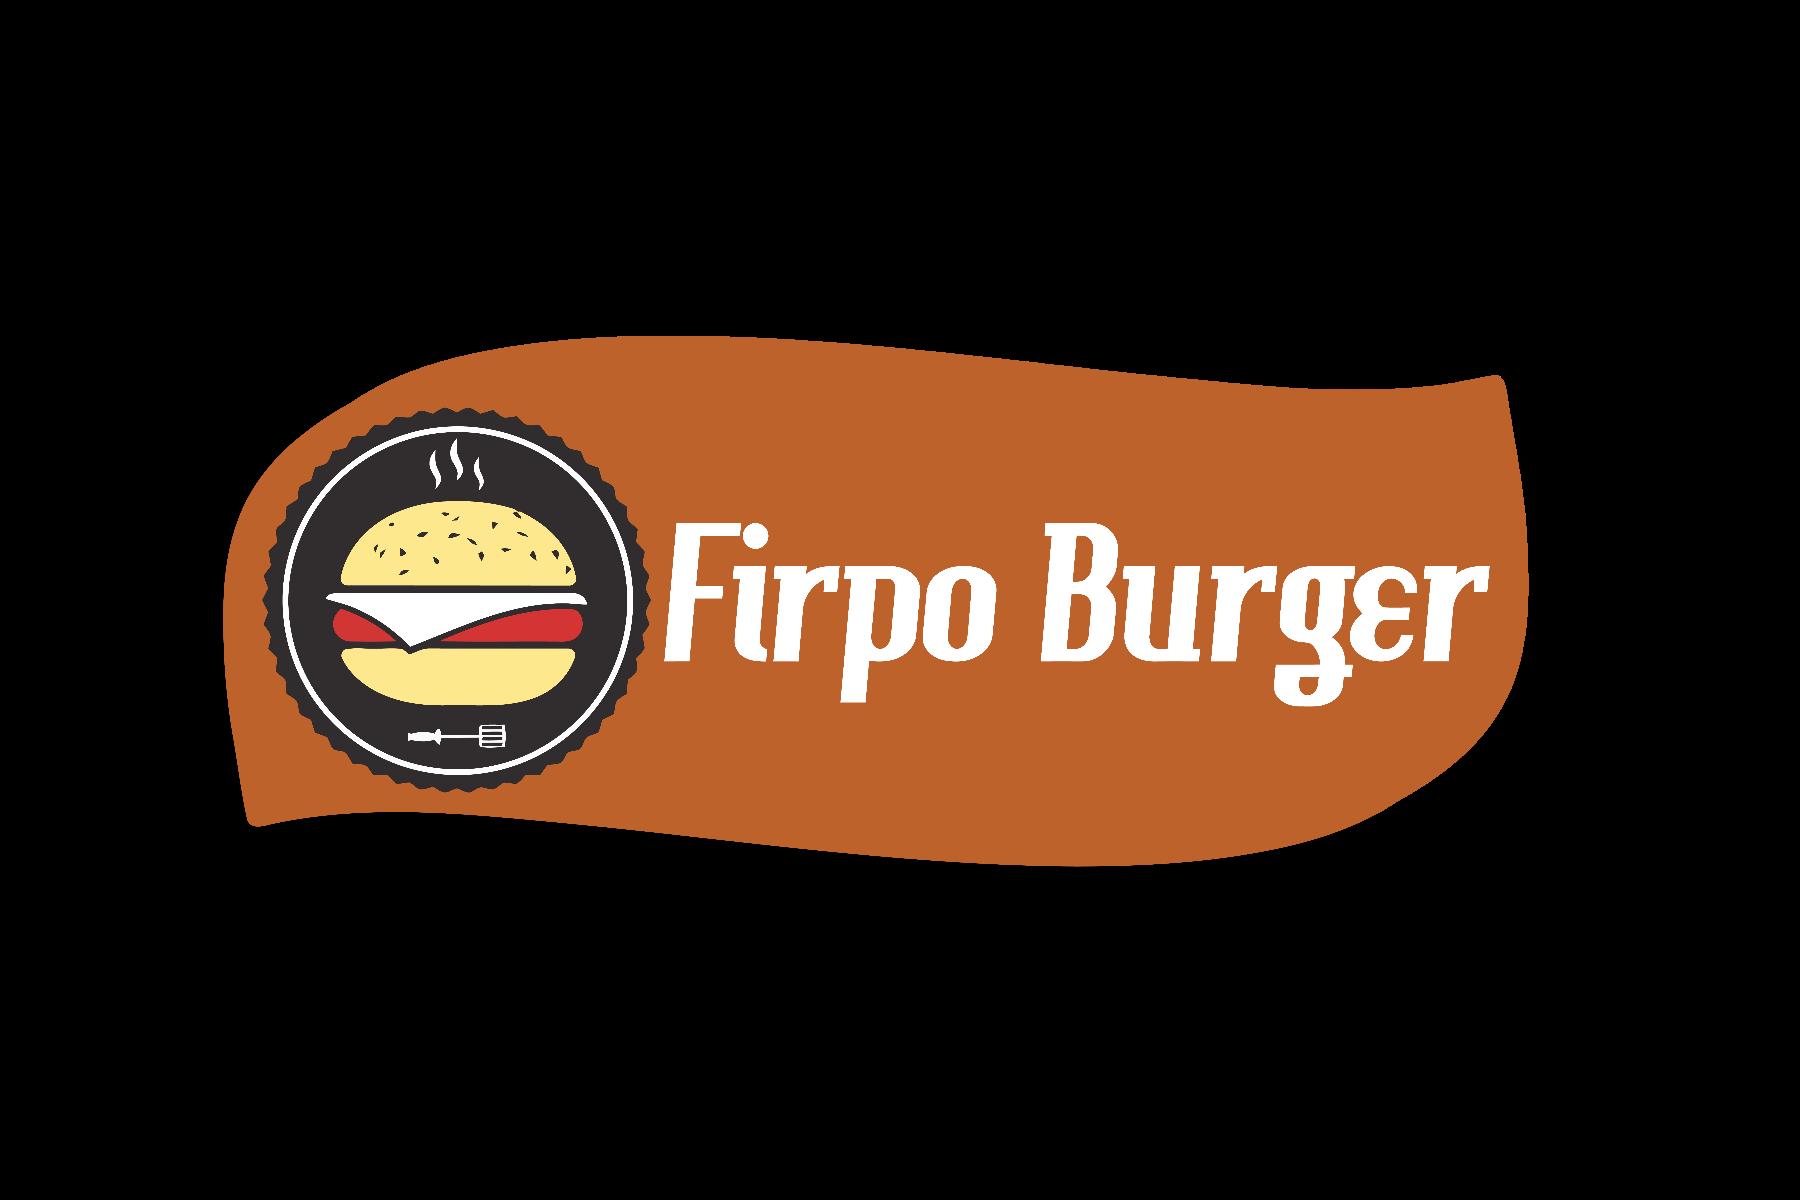 Firpo Burger